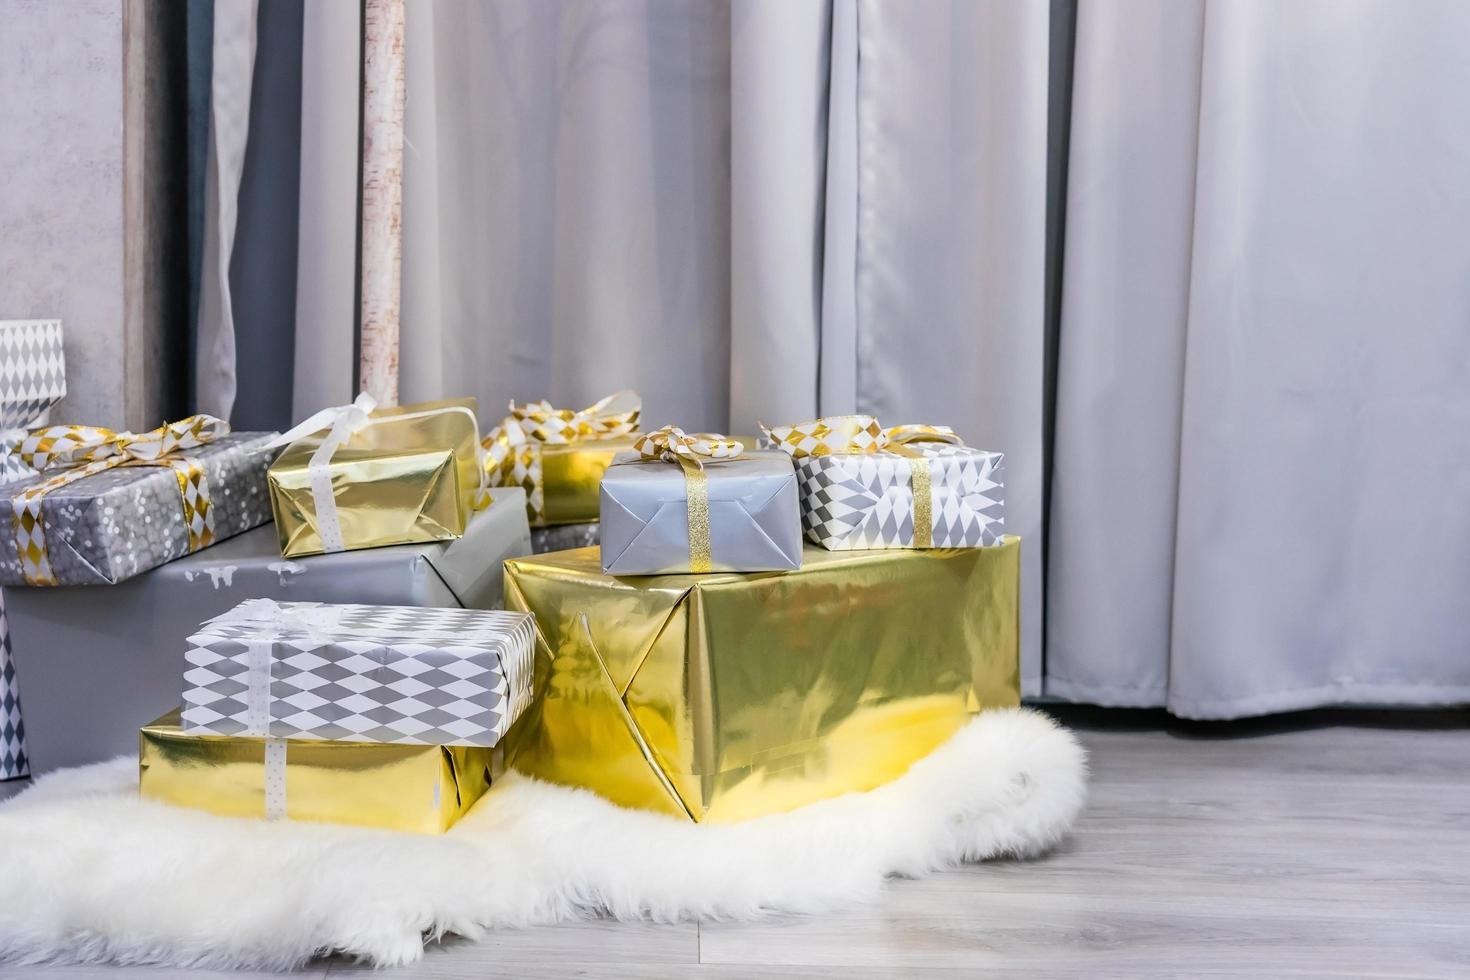 cajas de regalo, celebración navideña foto